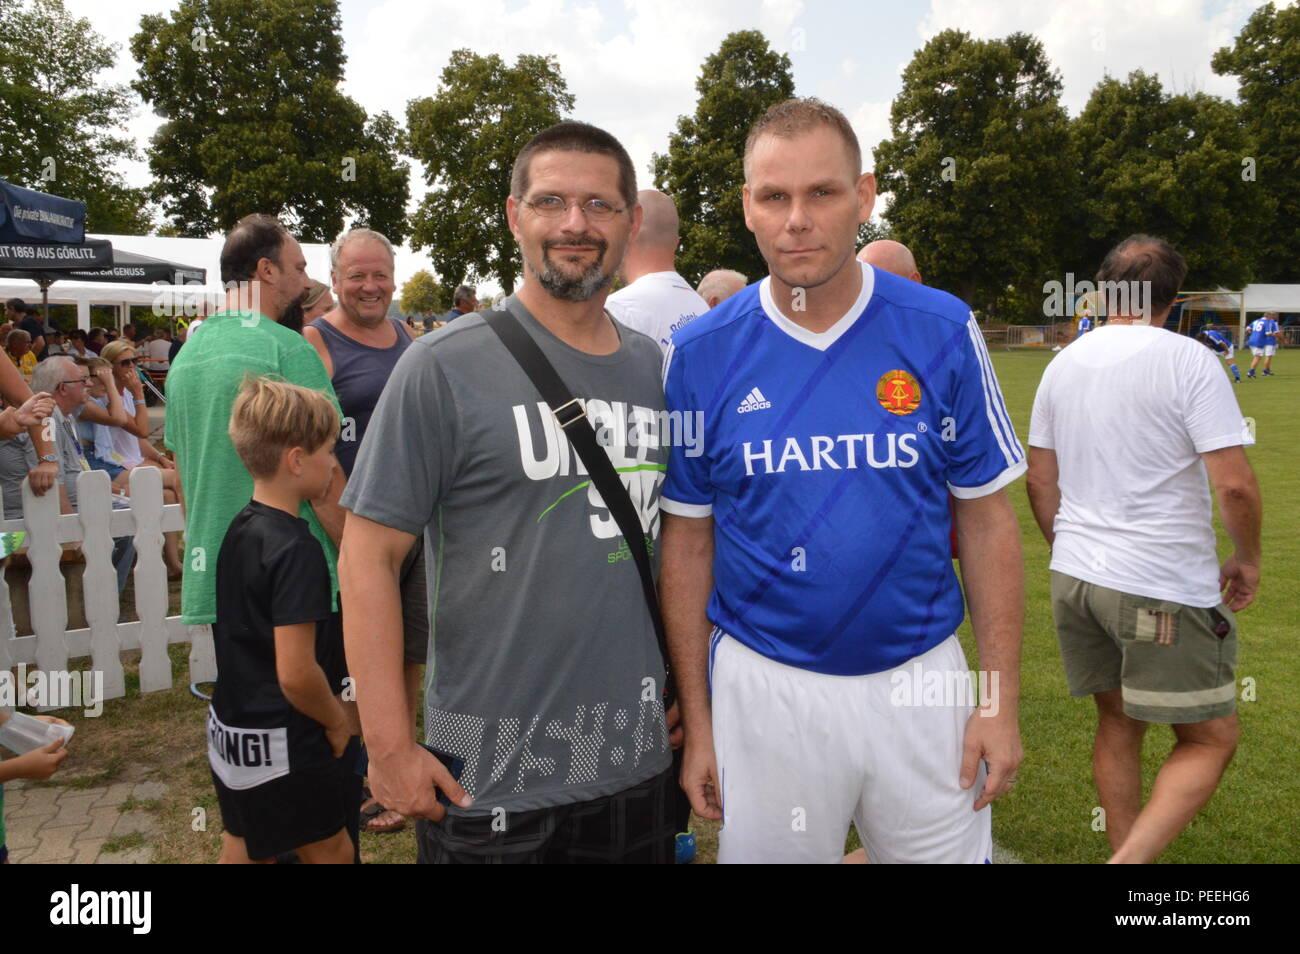 rothenburg ol gdr football star uwe Sturm 2018 Photo Wehnert - Stock Image